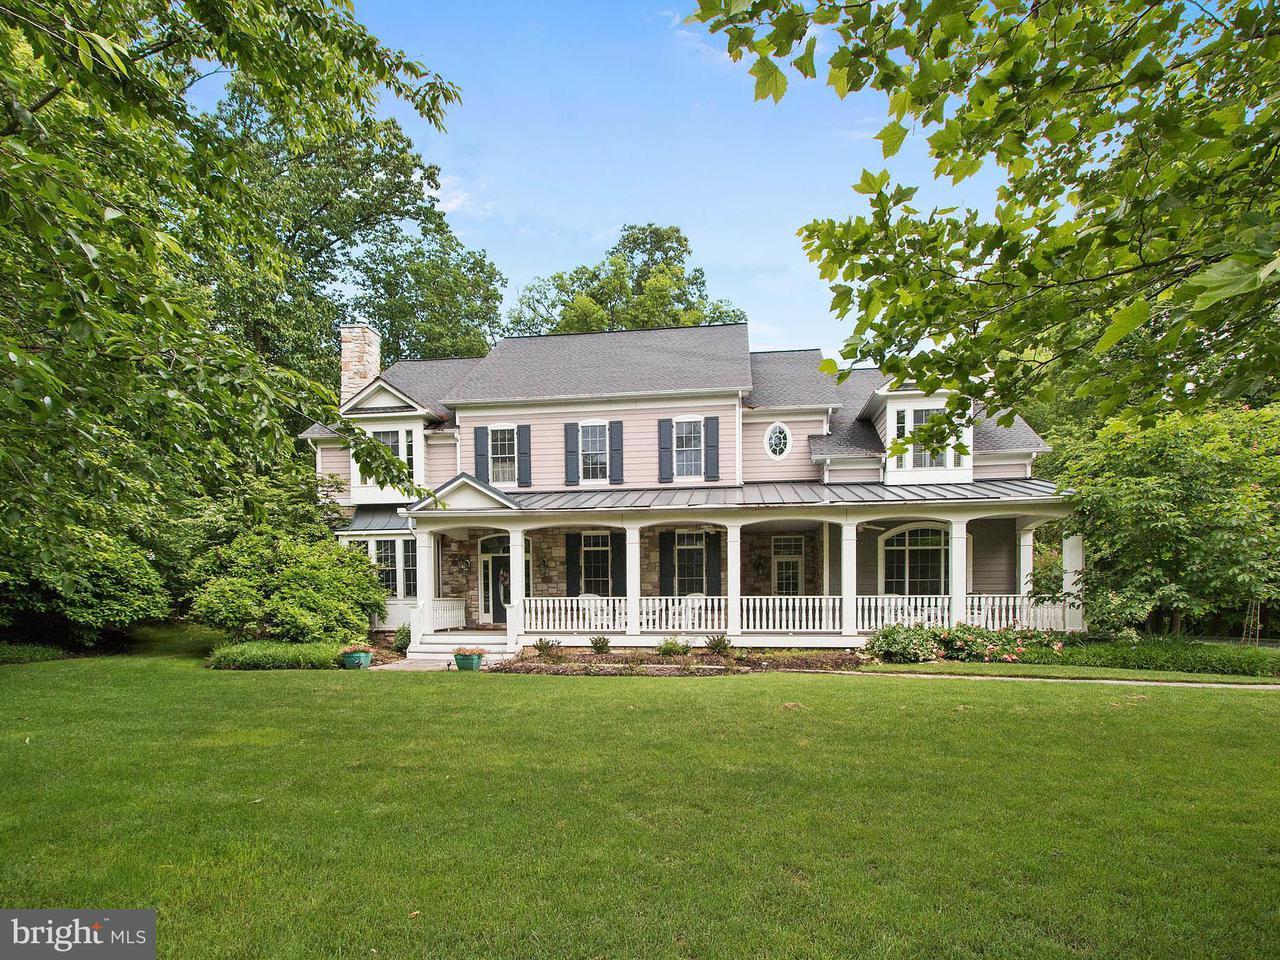 Einfamilienhaus für Verkauf beim 3226 Huntersworth 3226 Huntersworth Glenwood, Maryland 21738 Vereinigte Staaten